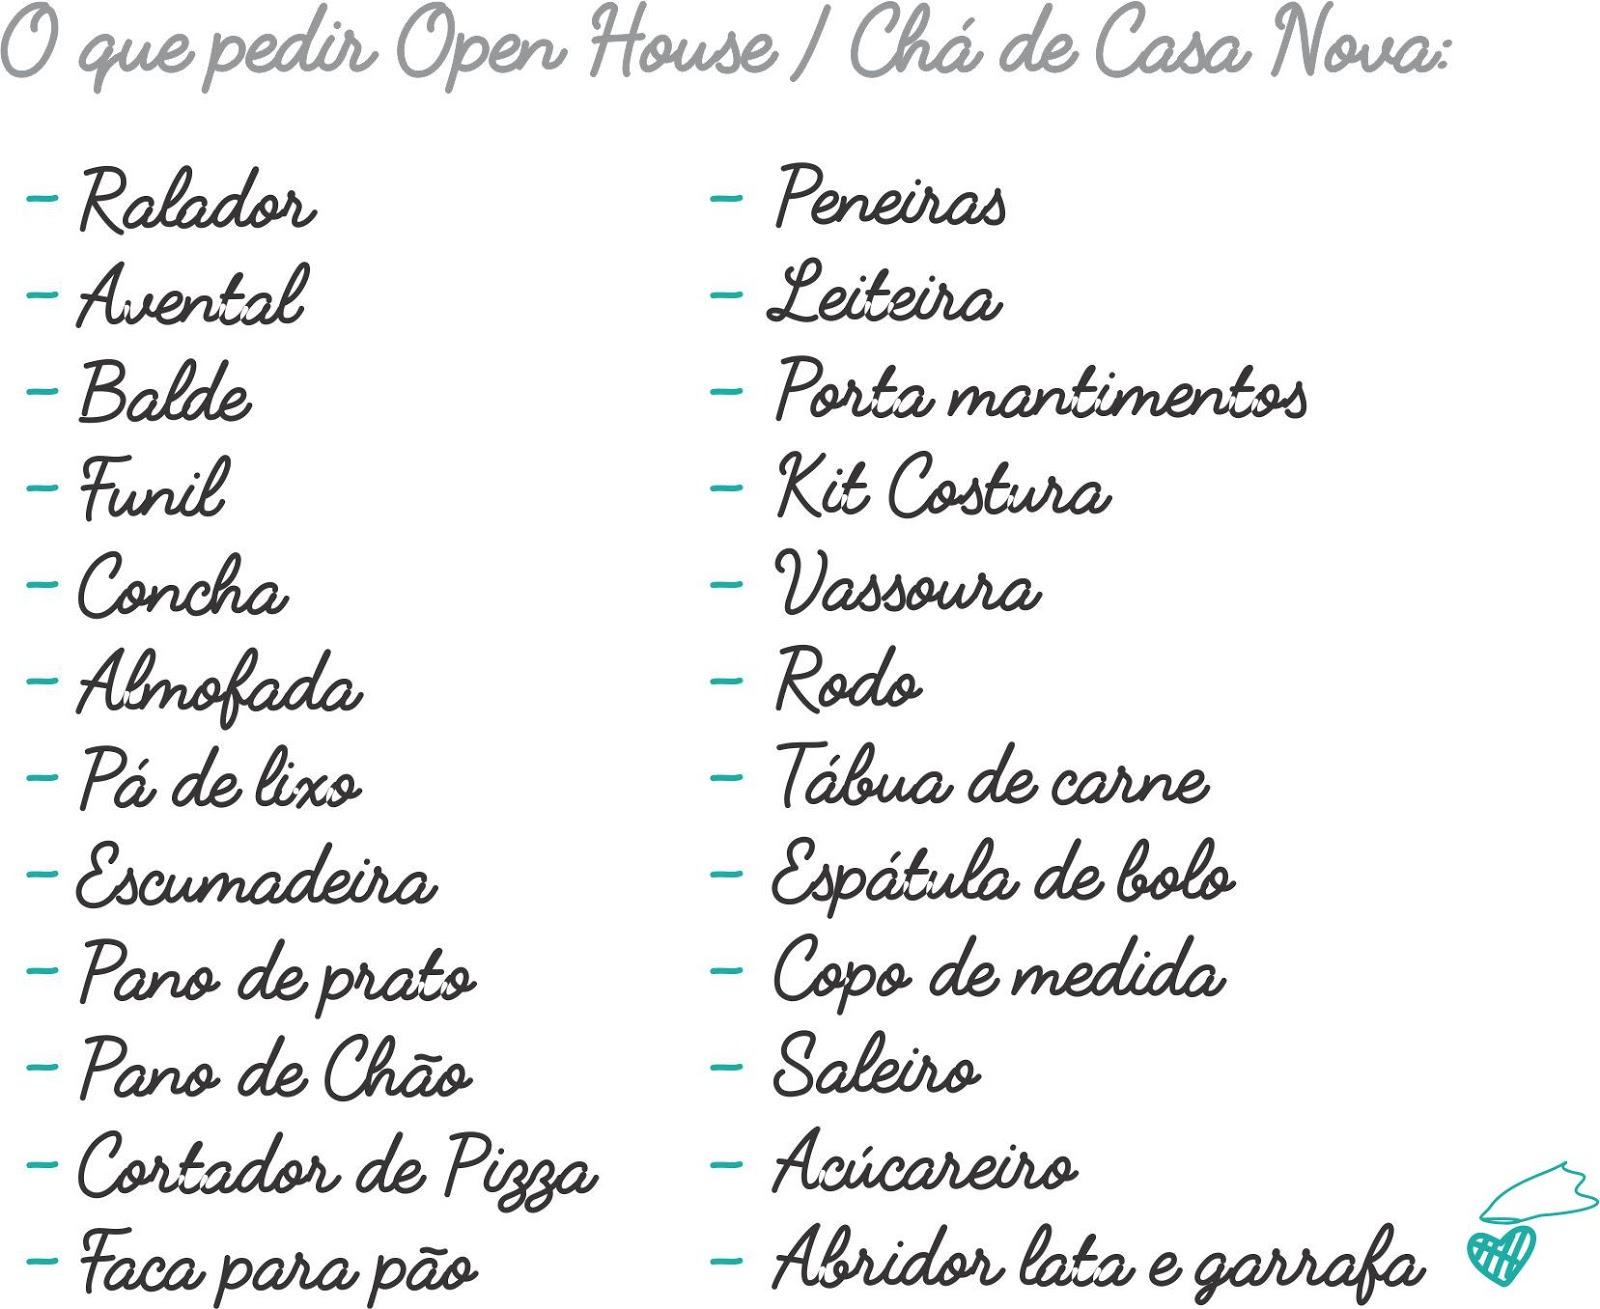 Prefer Ncia Lista De Presentes Para Cha De Casa Nova Gx89 Ivango